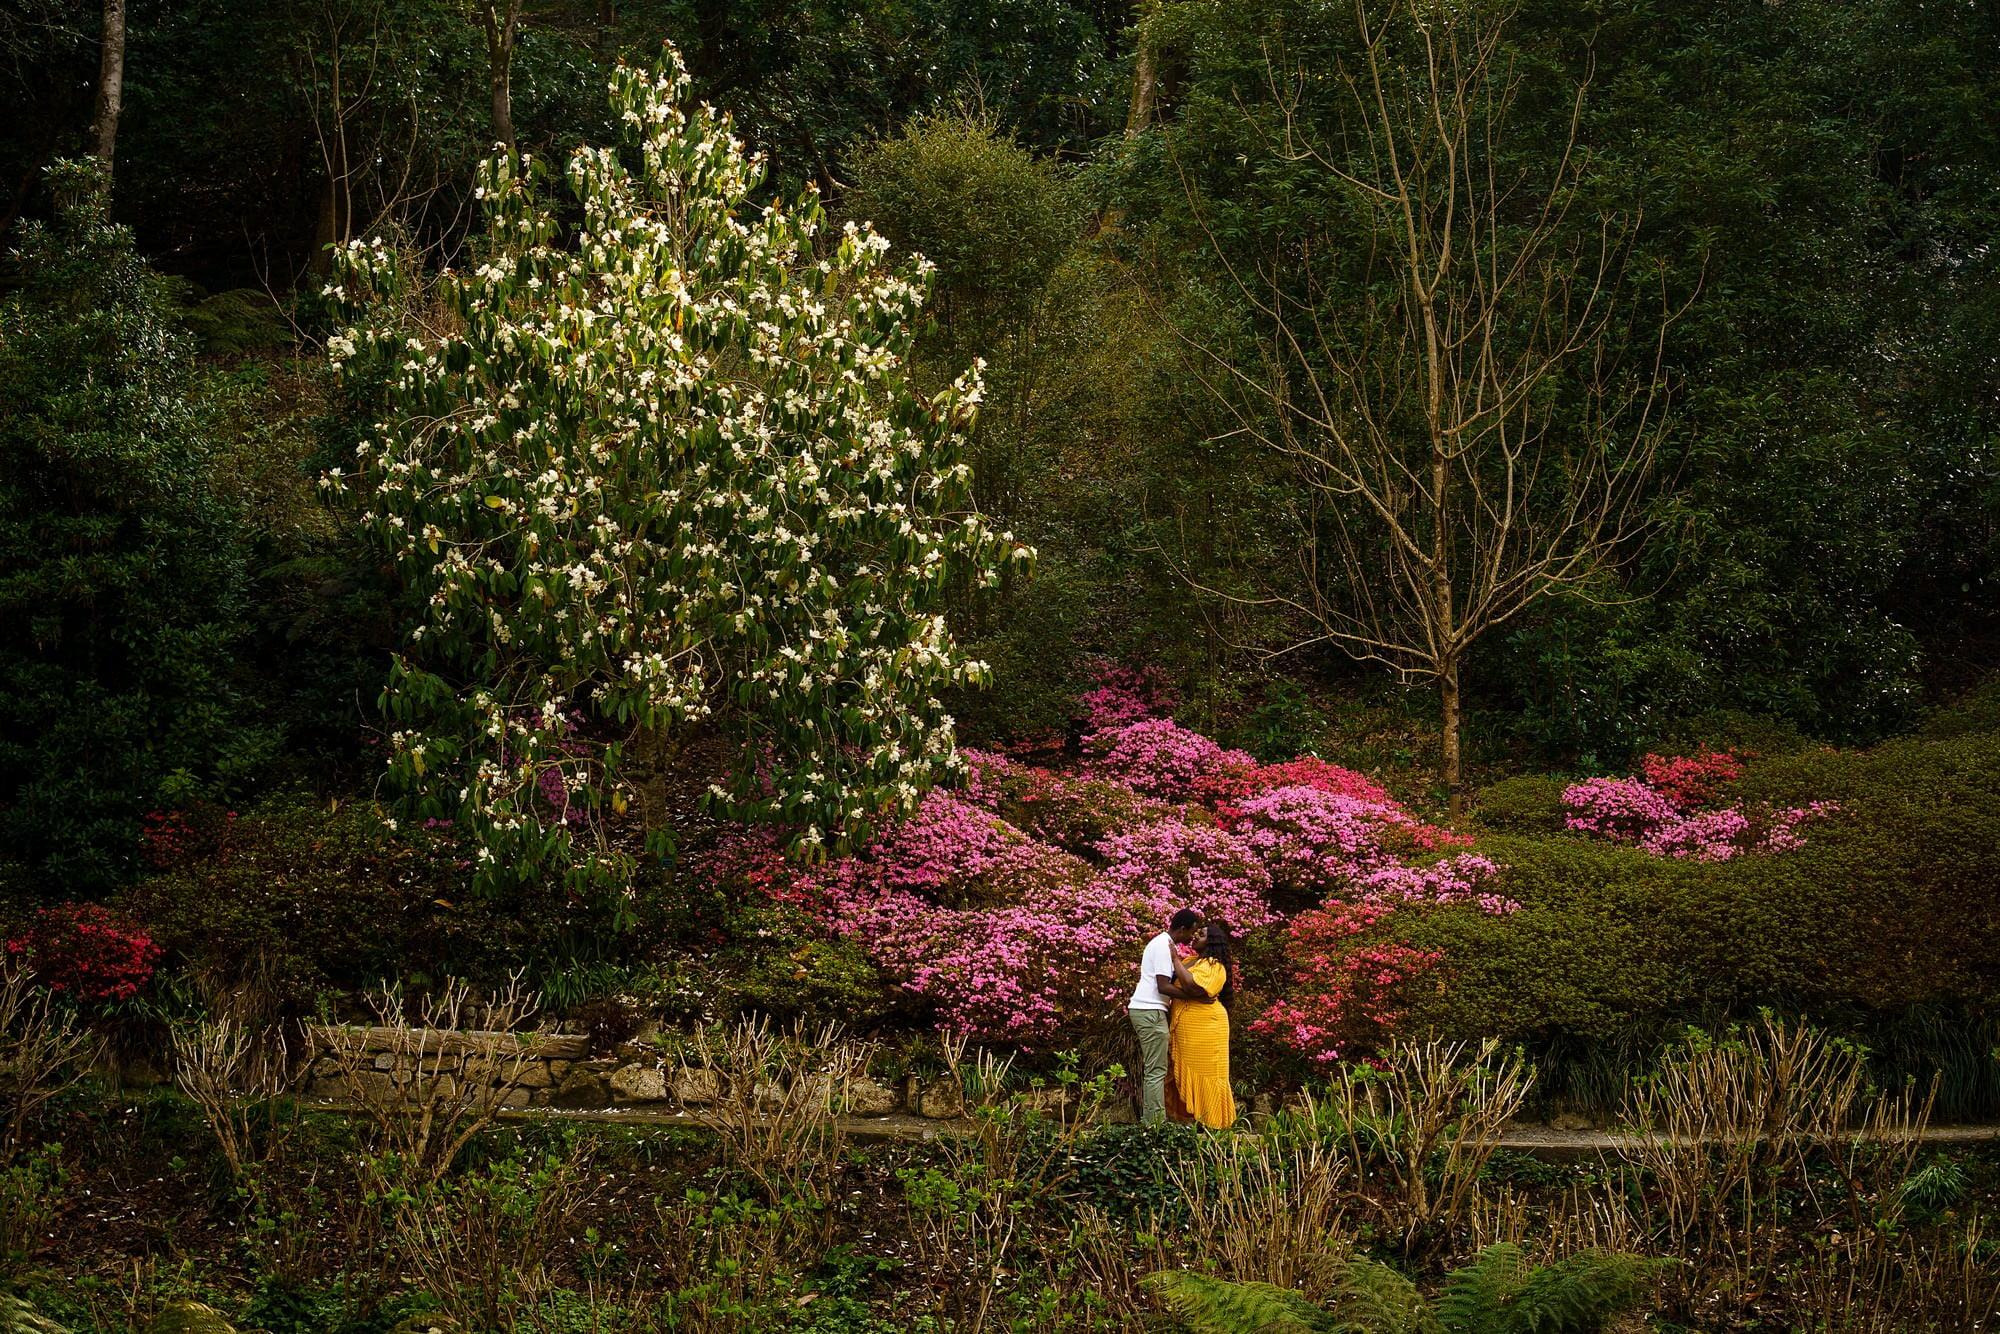 Trebah gardens wedding proposal 11